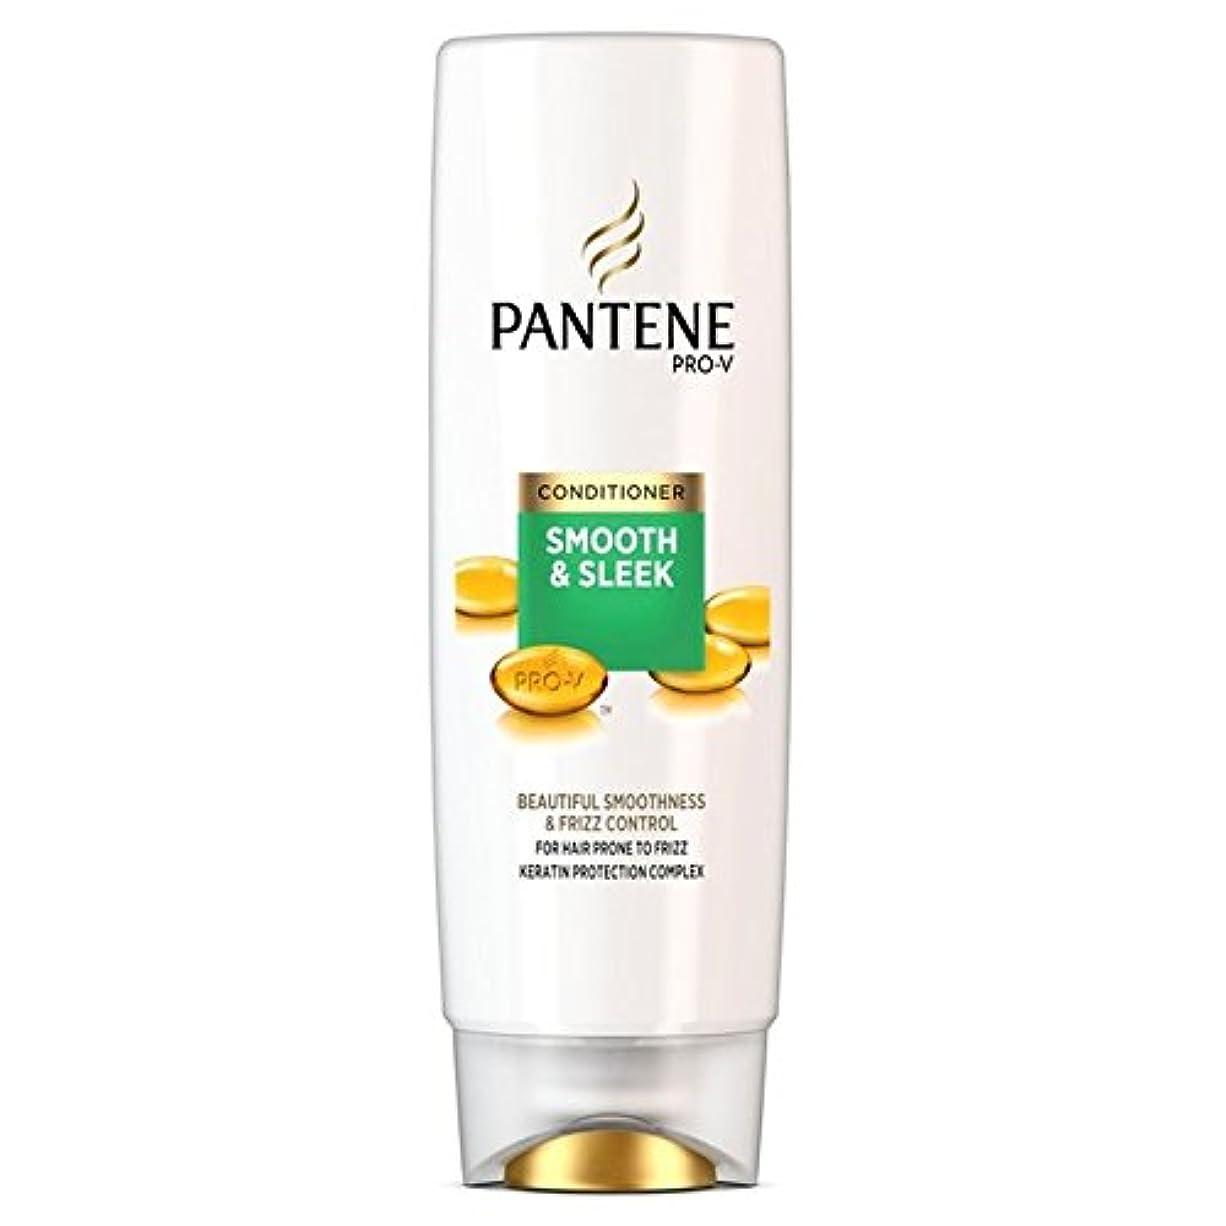 アナリスト洋服バケツPantene Conditioner Smooth & Sleek For Hair Prone to Frizz 250ml (Pack of 6) - パンテーンコンディショナースムーズ&縮れ250ミリリットルを受けやすい髪になめらかな x6 [並行輸入品]